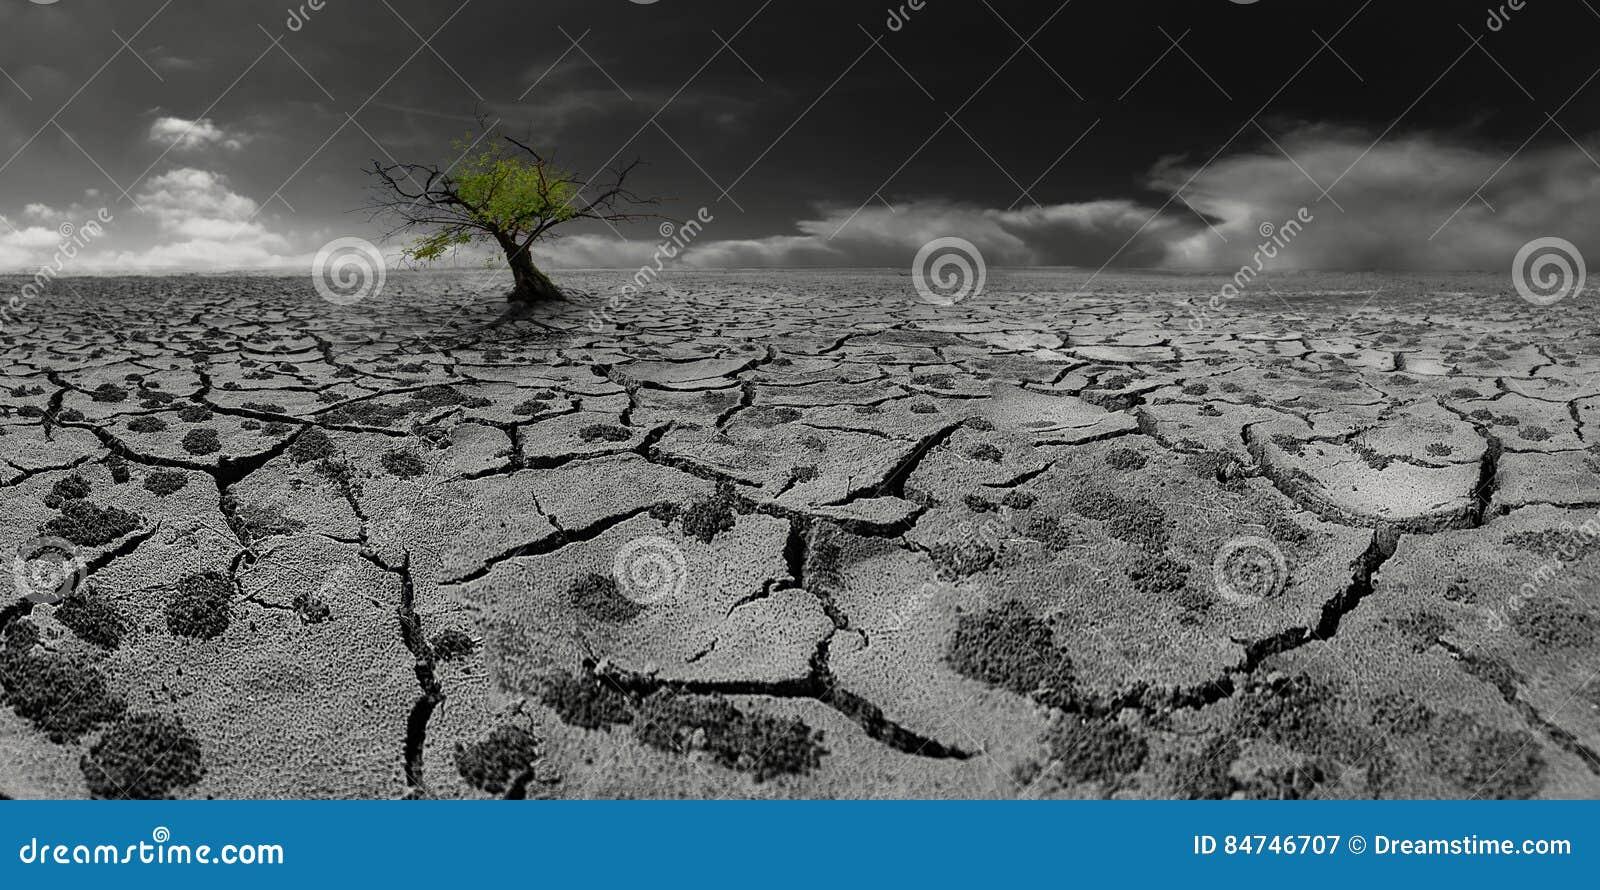 Μόνο δέντρο σε ένα μετα-αποκαλυπτικό τοπίο ερήμων